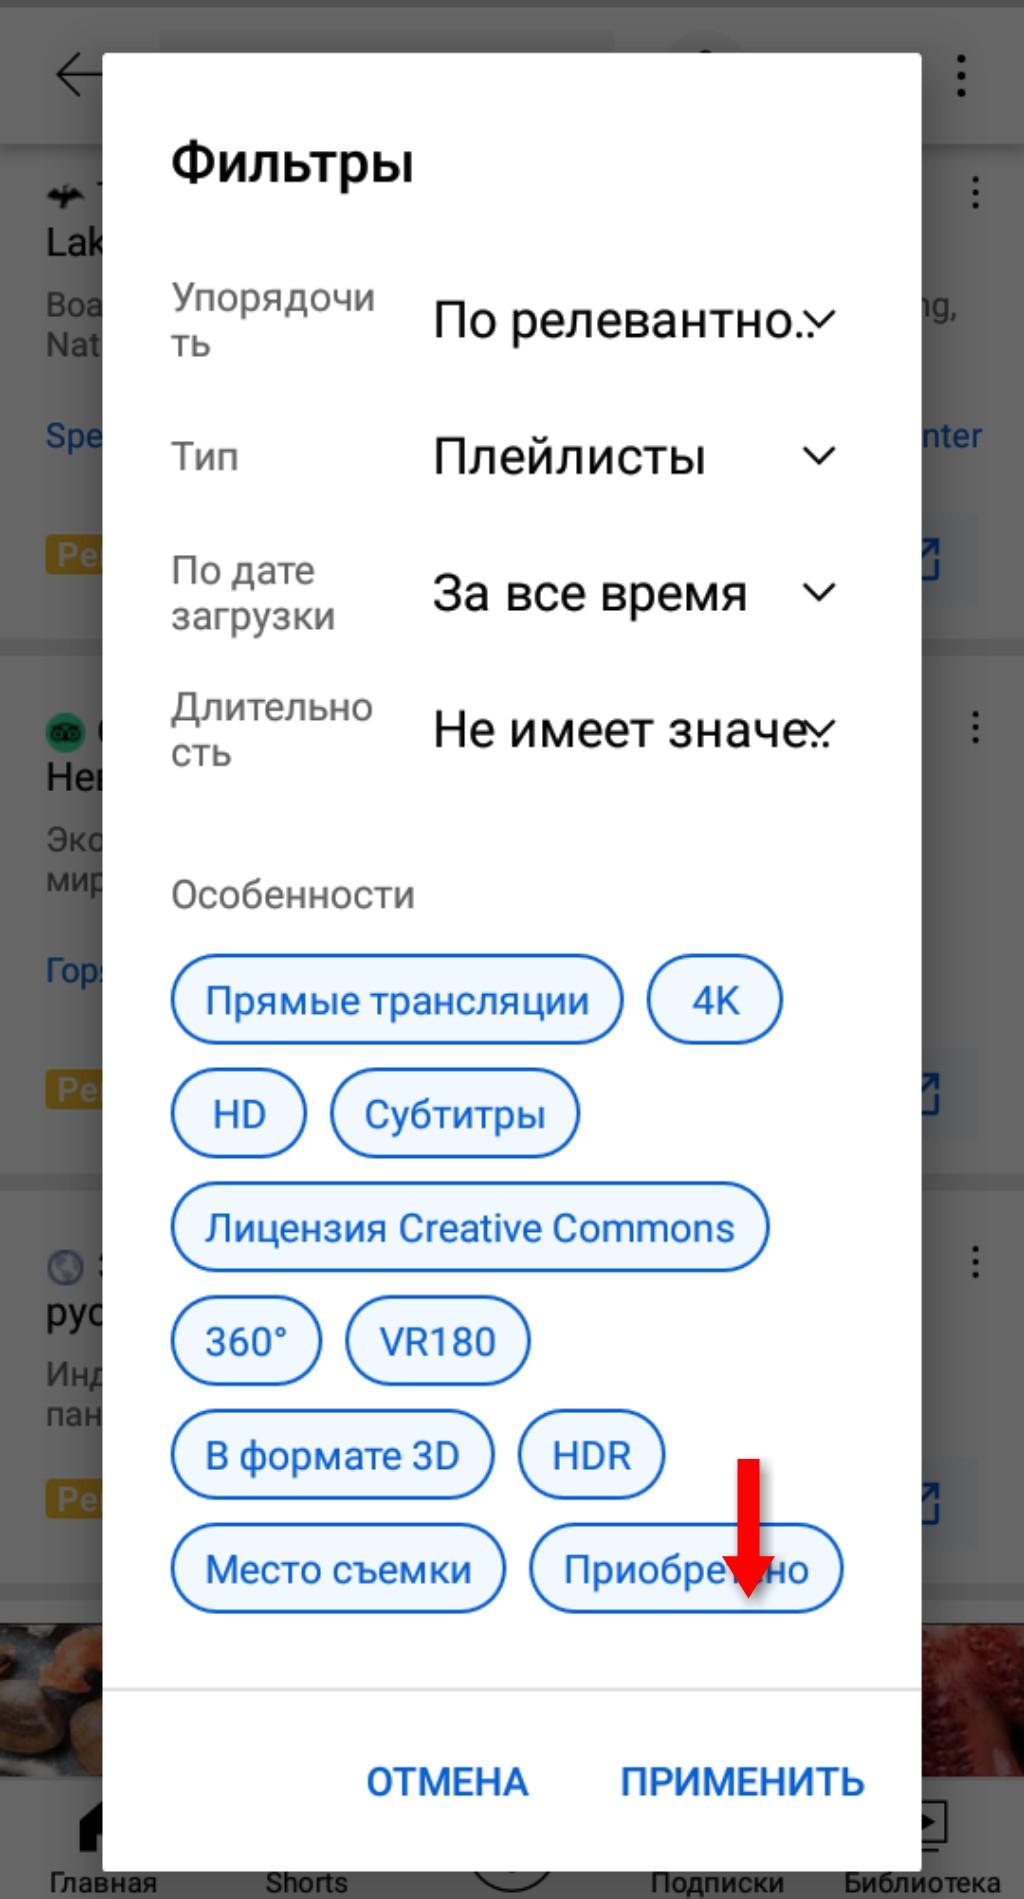 InFrame_1628016719823.jpg